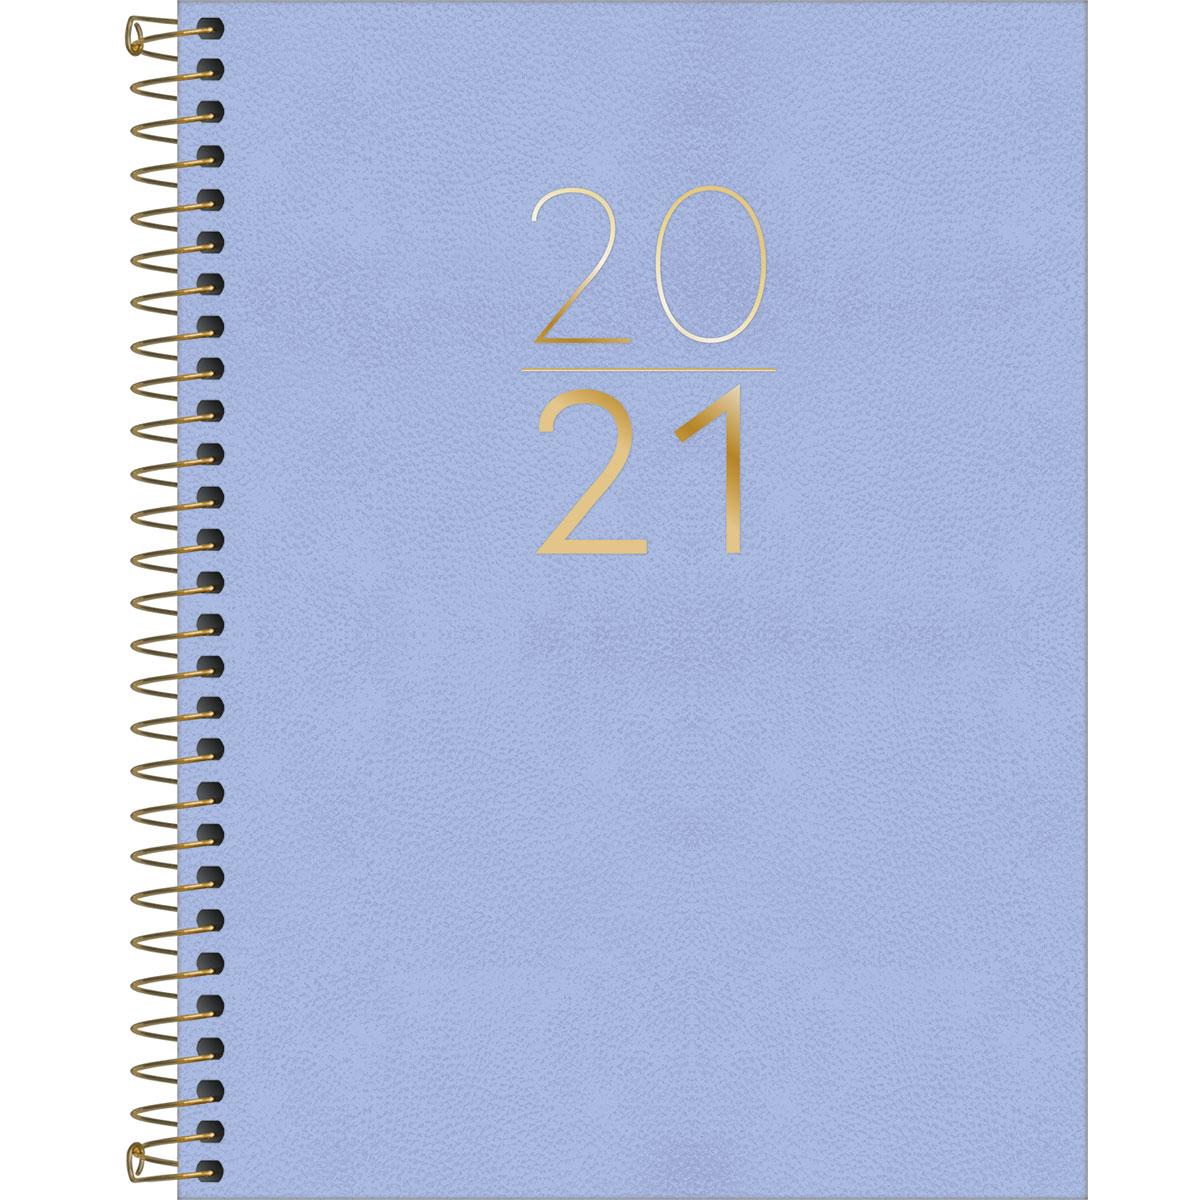 Agenda 2021 Executiva TILIBRA Espiral Vanilla